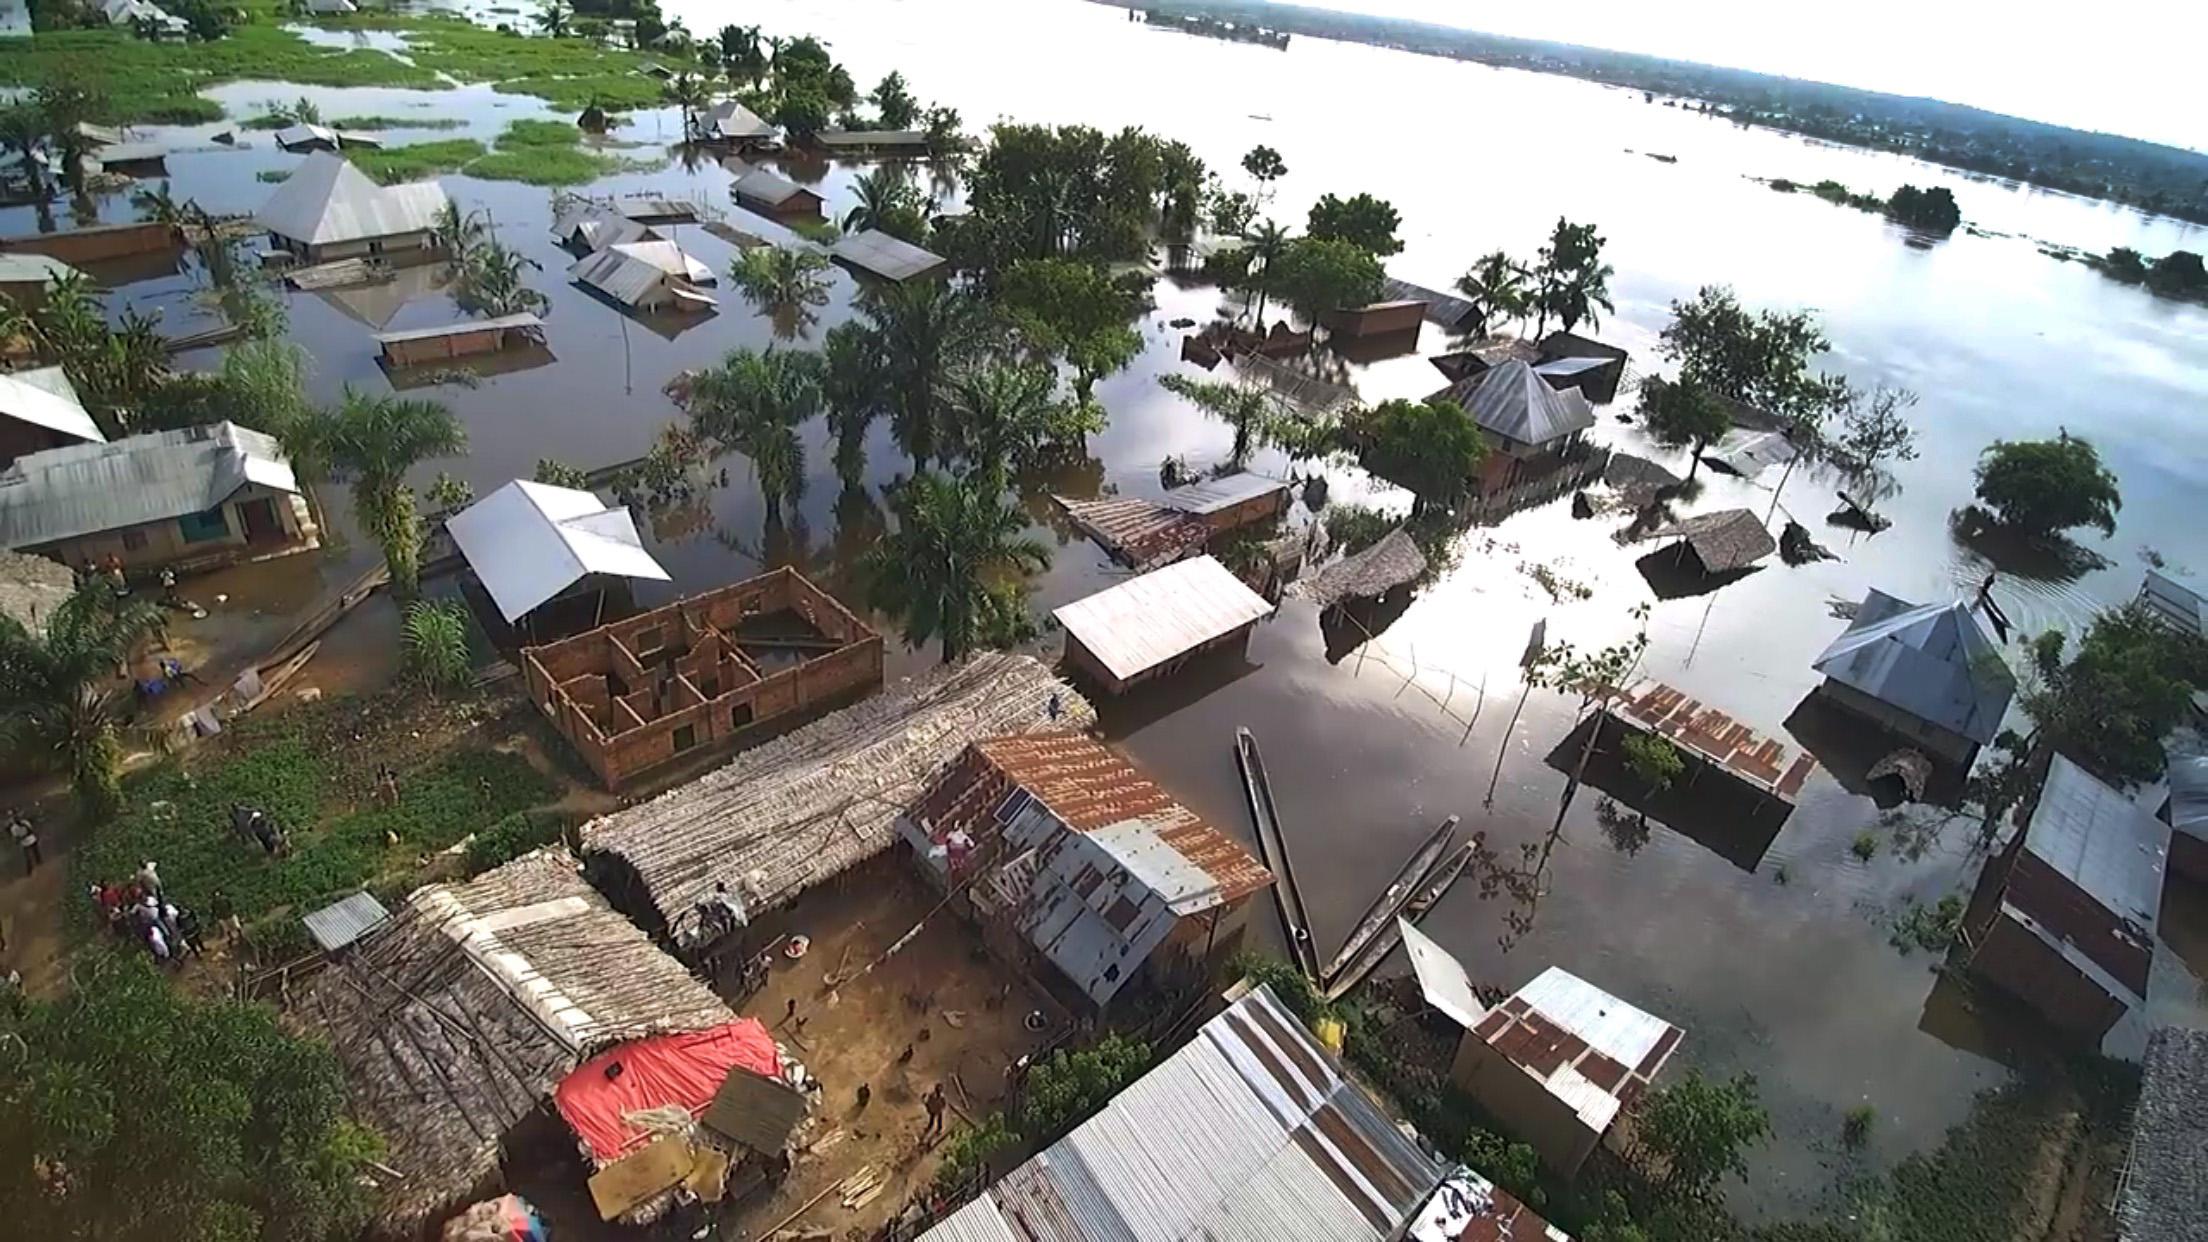 Une vue aérienne de maisons englouties par les eaux à Kindu, en RD Congo. Des pluies torrentielles ont provoqué le débordement du fleuve Congo en avril, affectant plus de 10 000 foyers à Kindu. Photo de Chadrack Tambwe Londe, UM News.